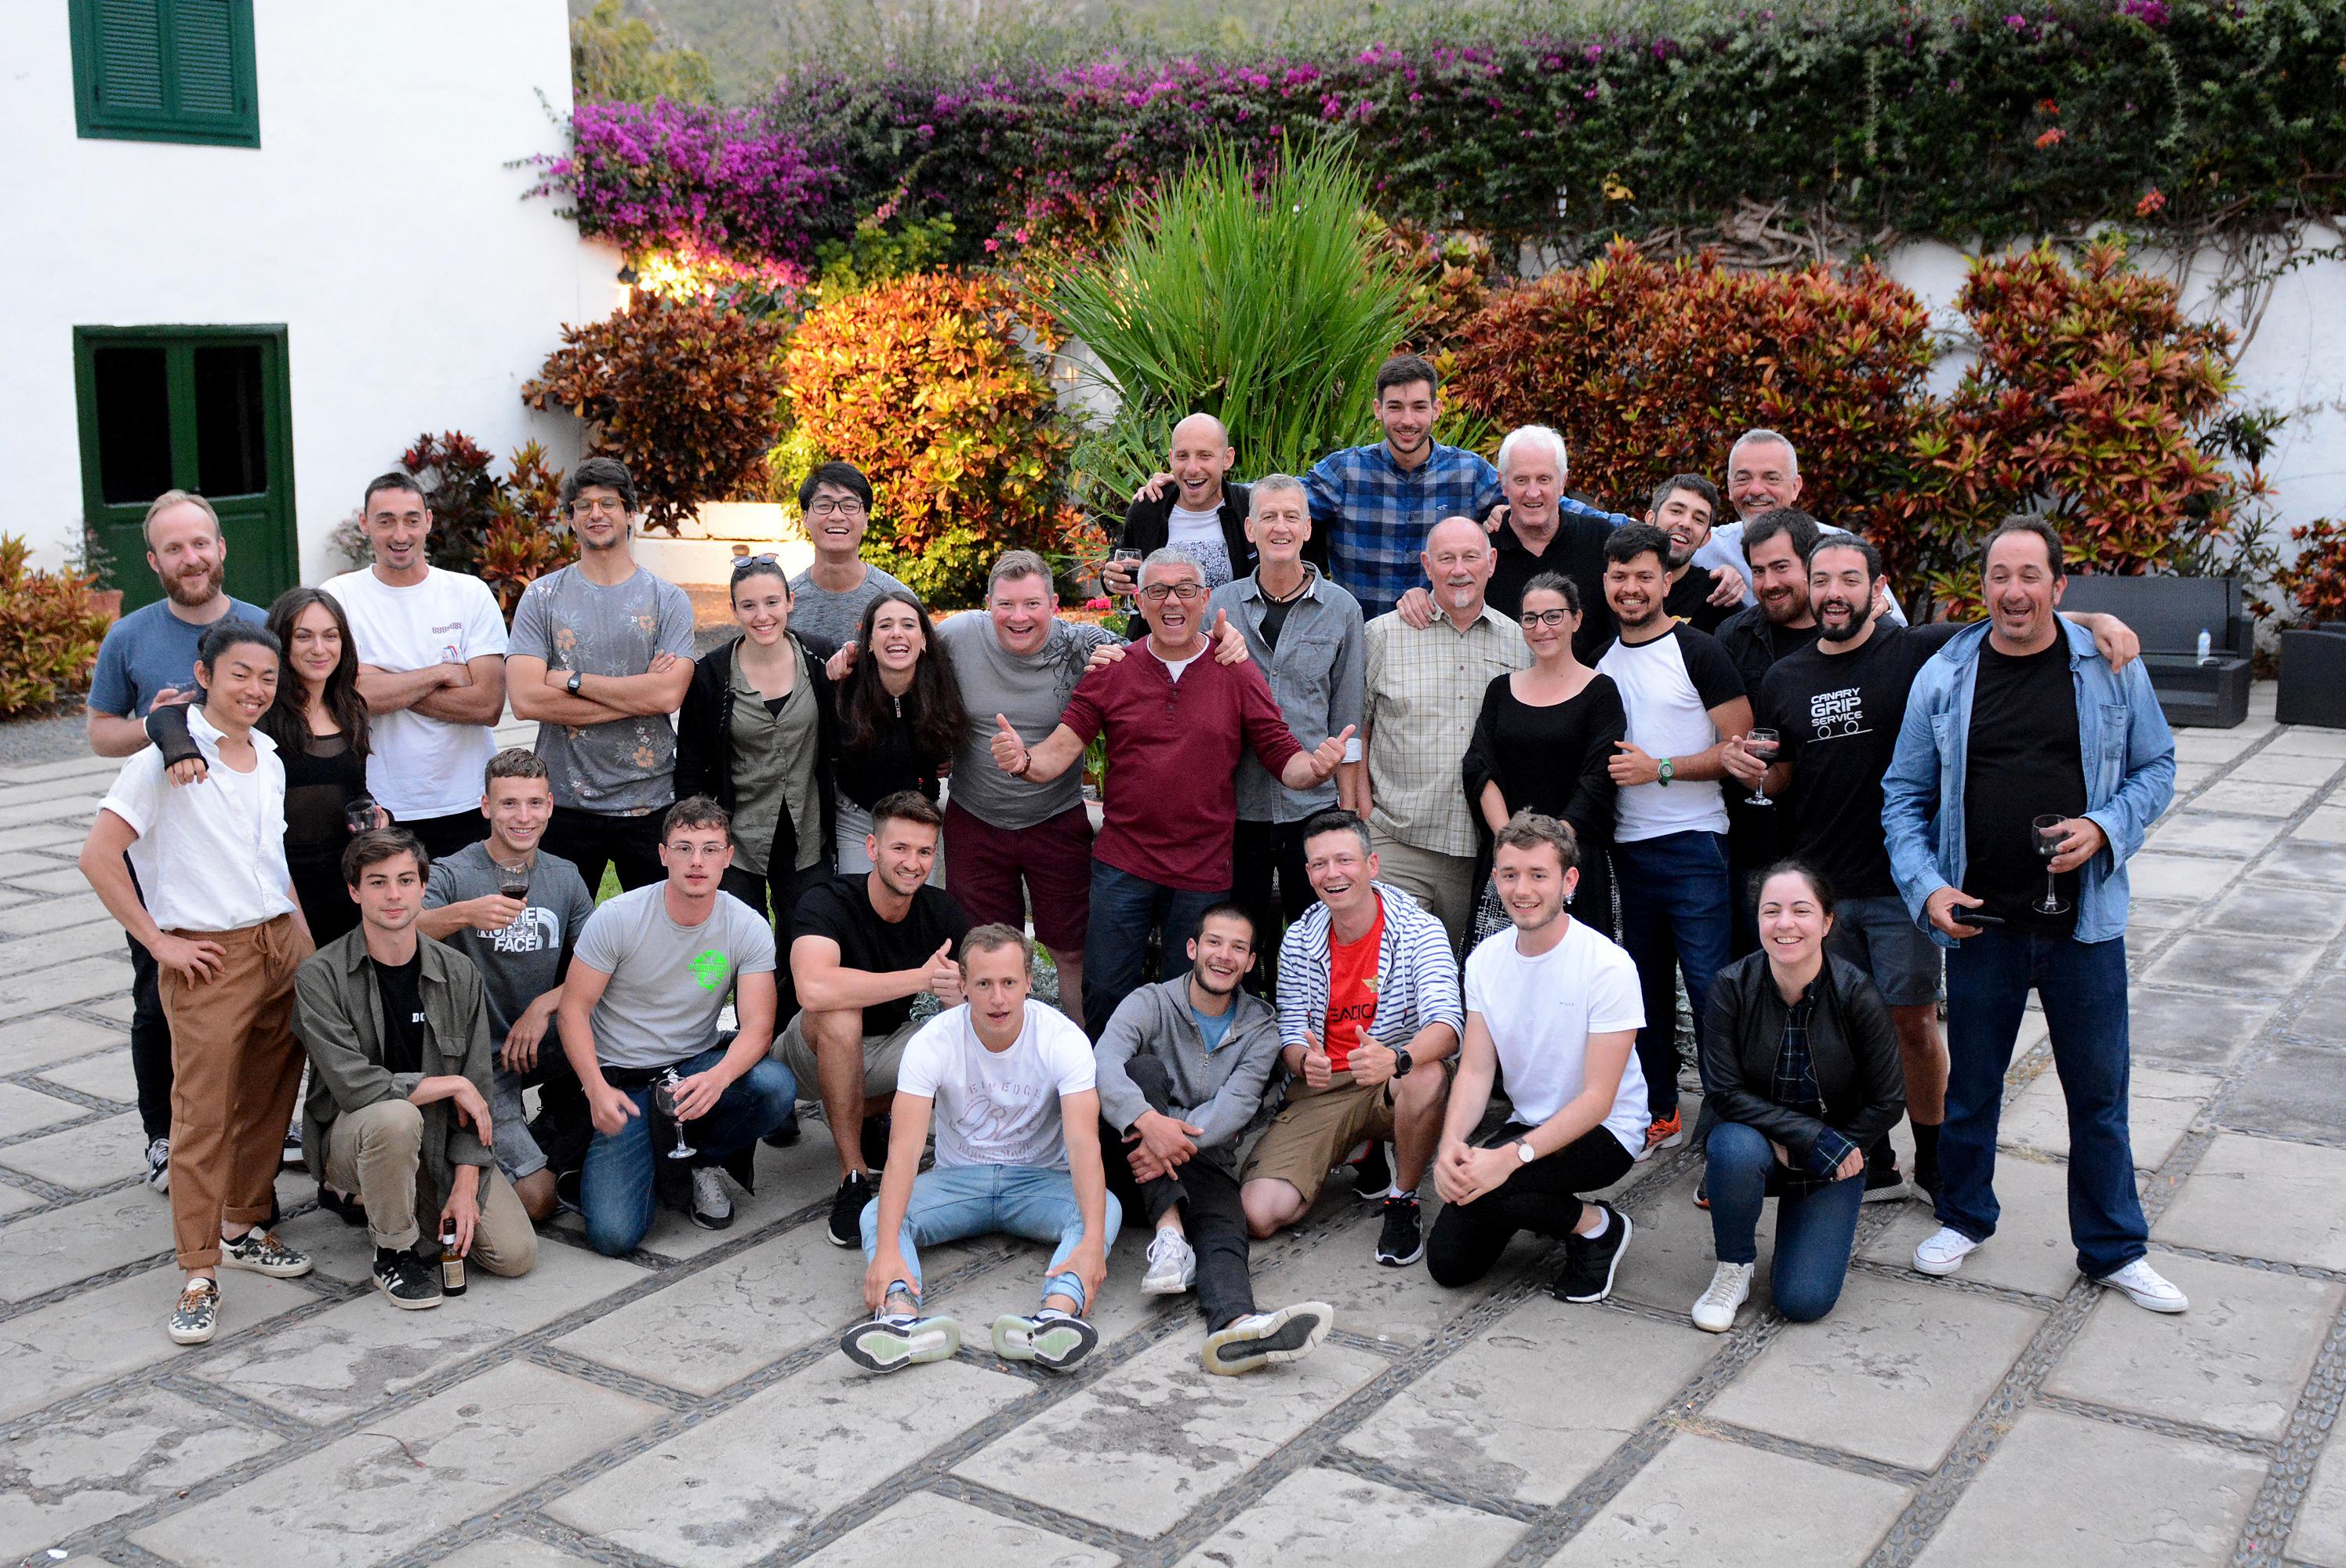 16 operadores de cámara finalizan con éxito el Steadicam Gold Workshop